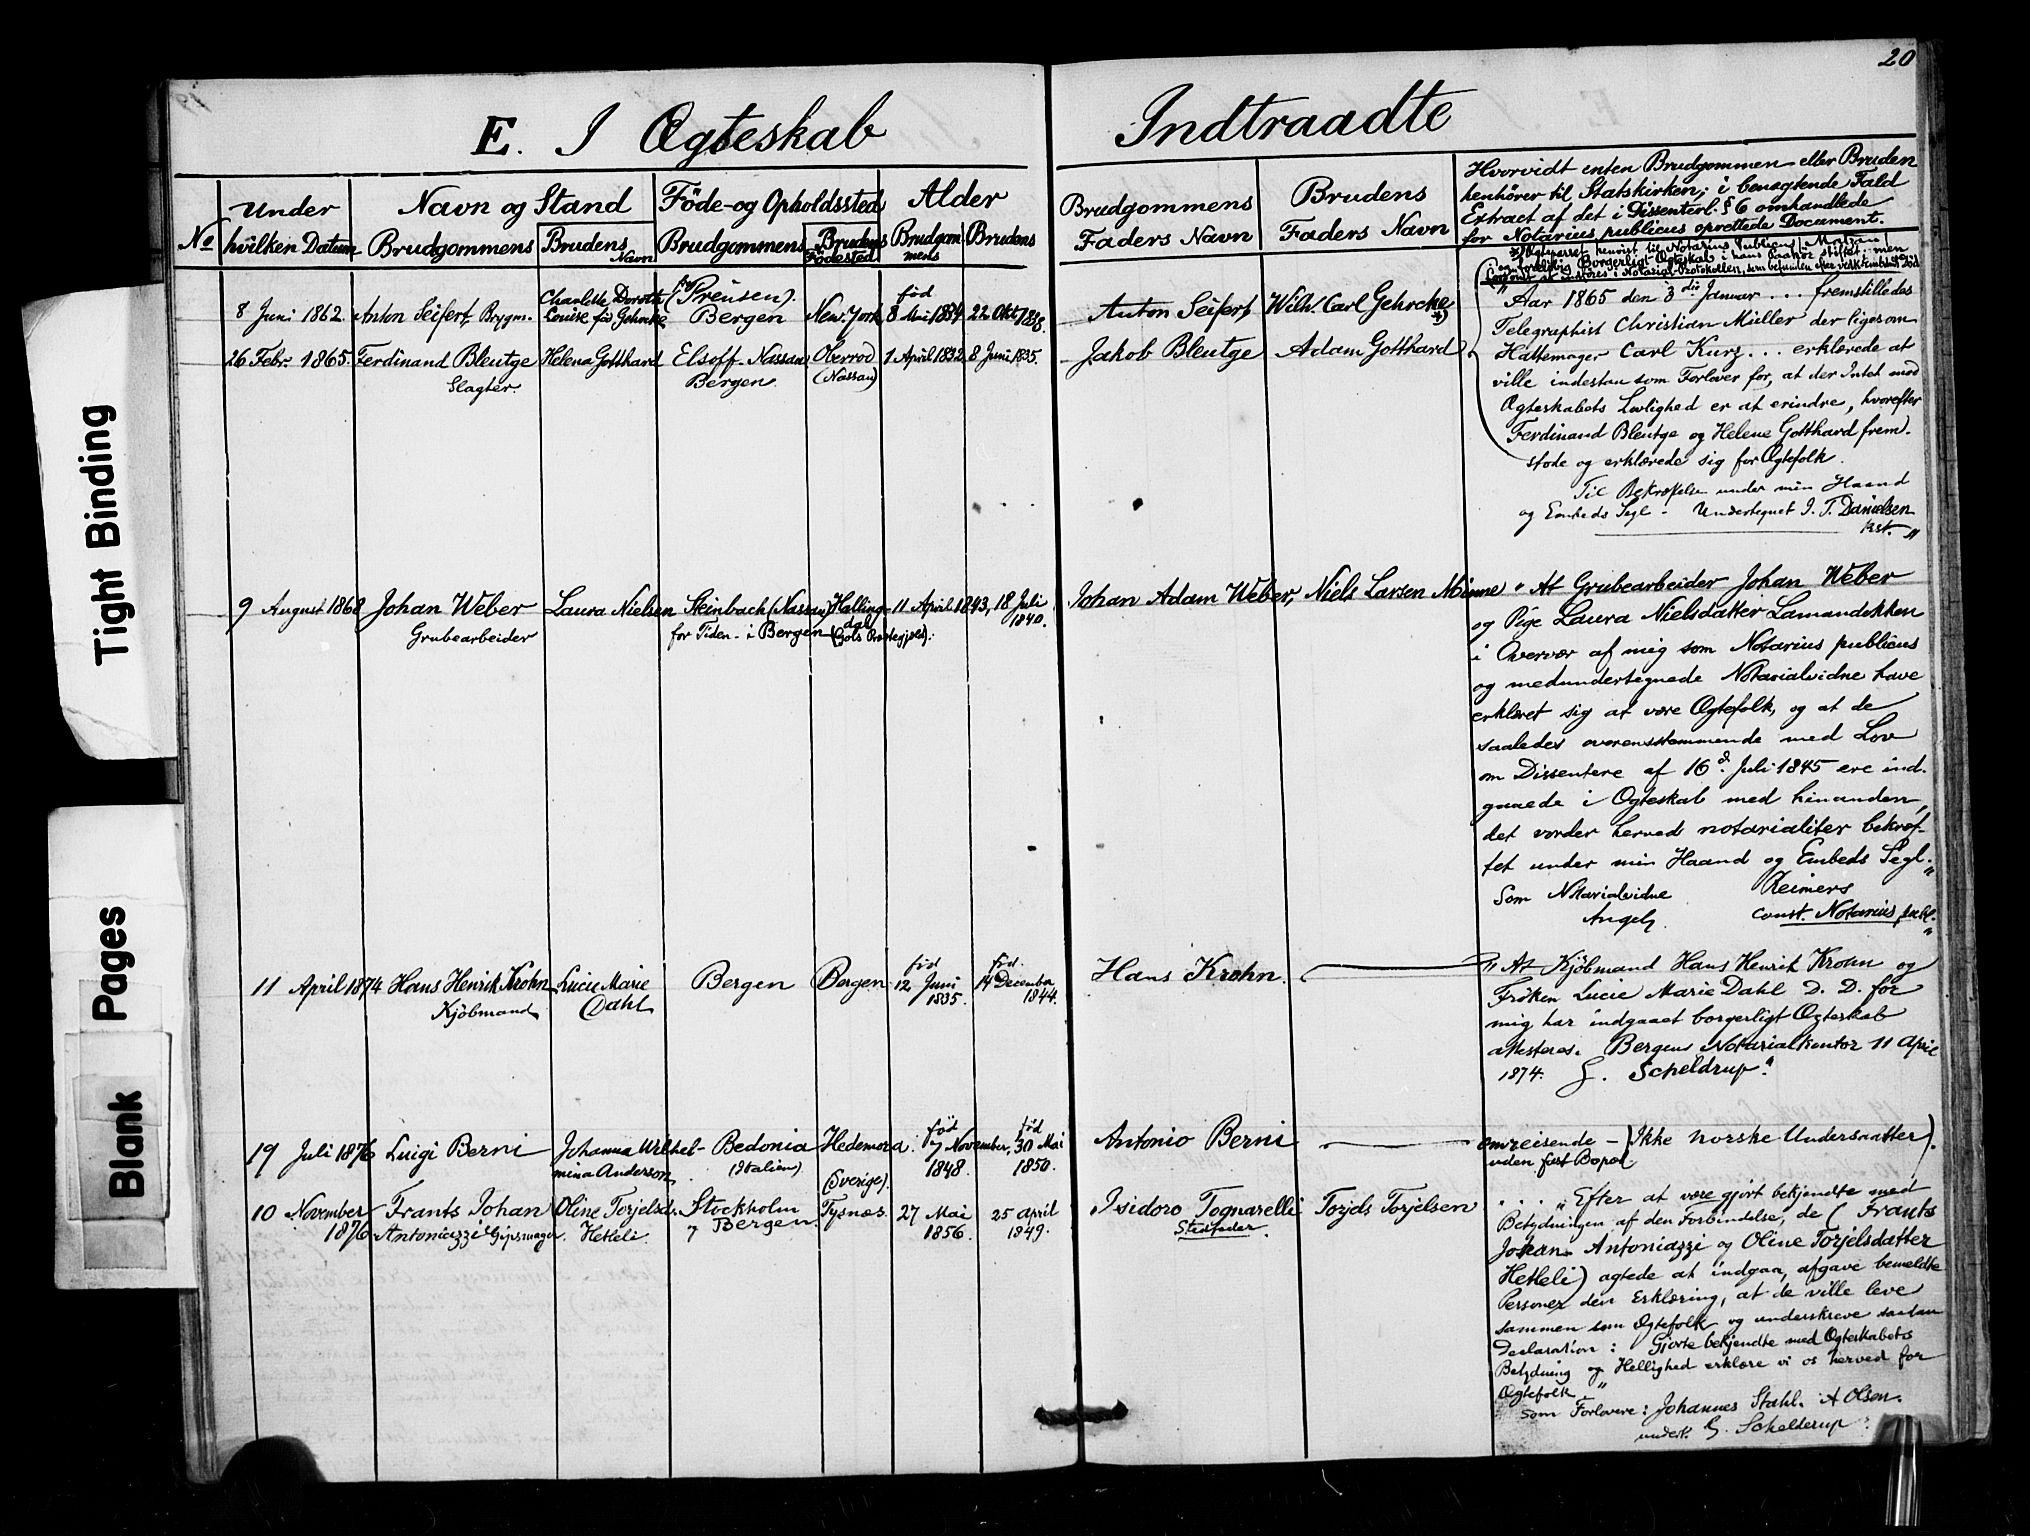 SAB, Arkivreferanse mangler*, Dissenterprotokoll nr. -, 1858-1878, s. 20